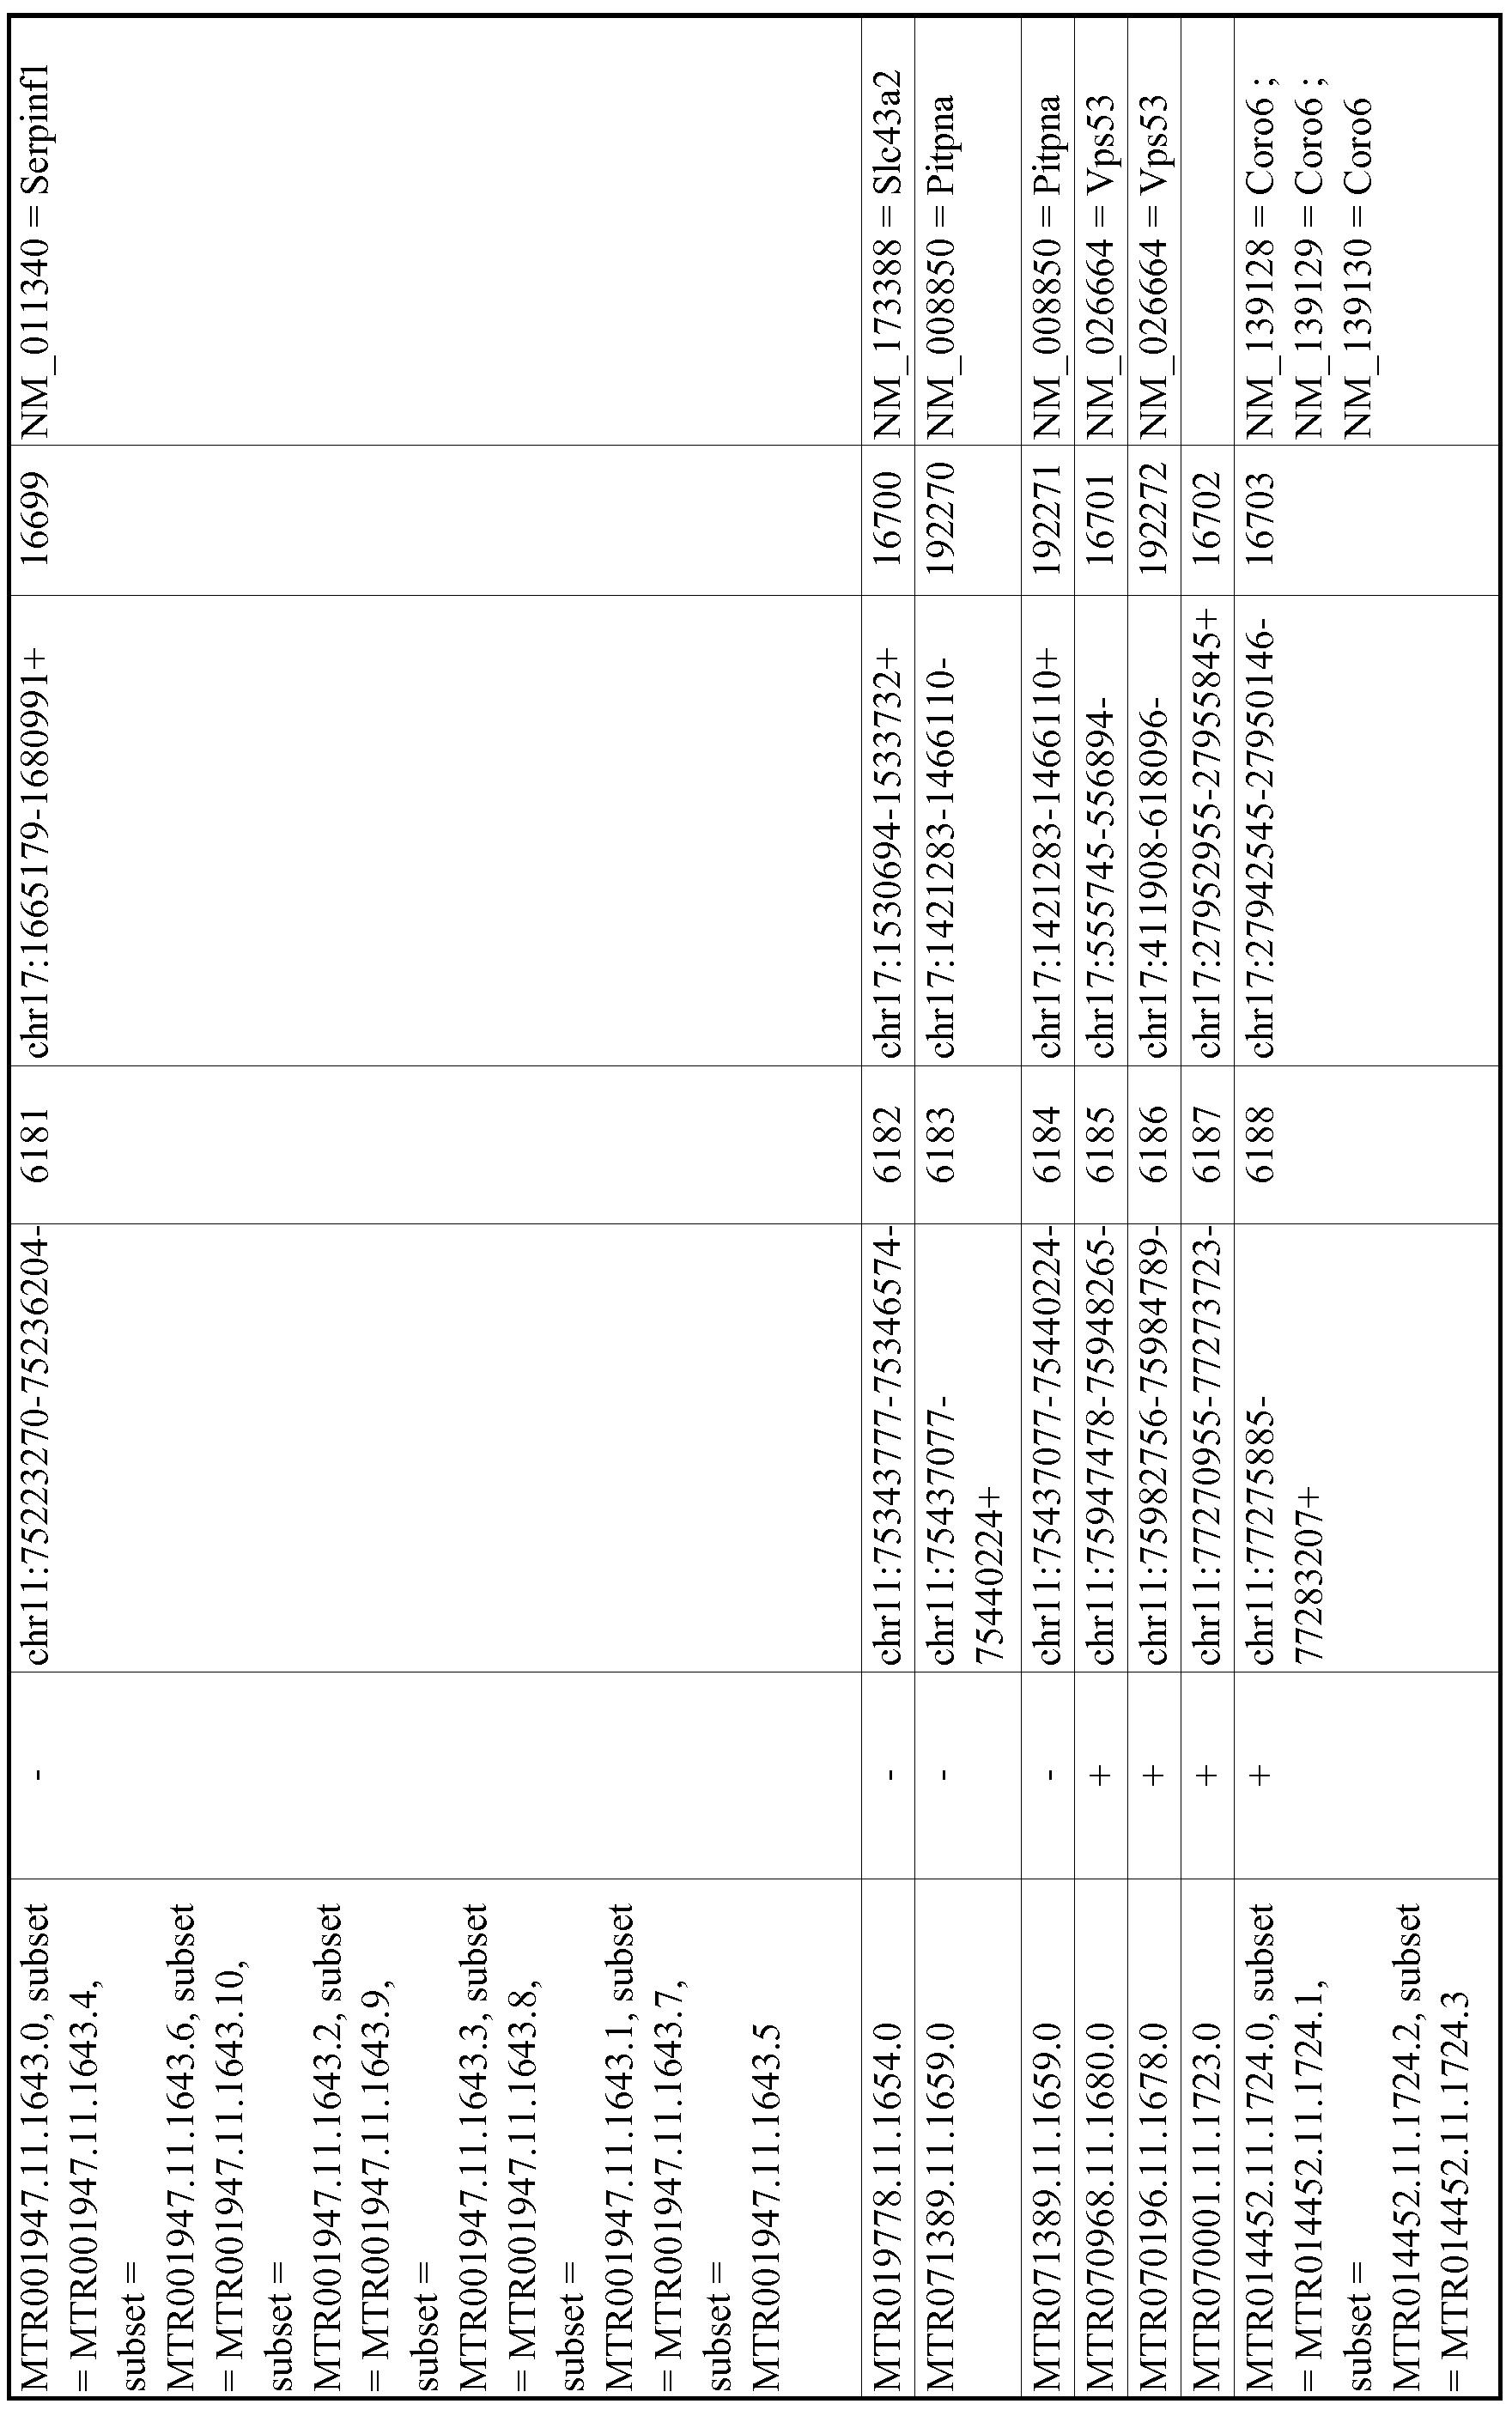 Figure imgf001114_0001